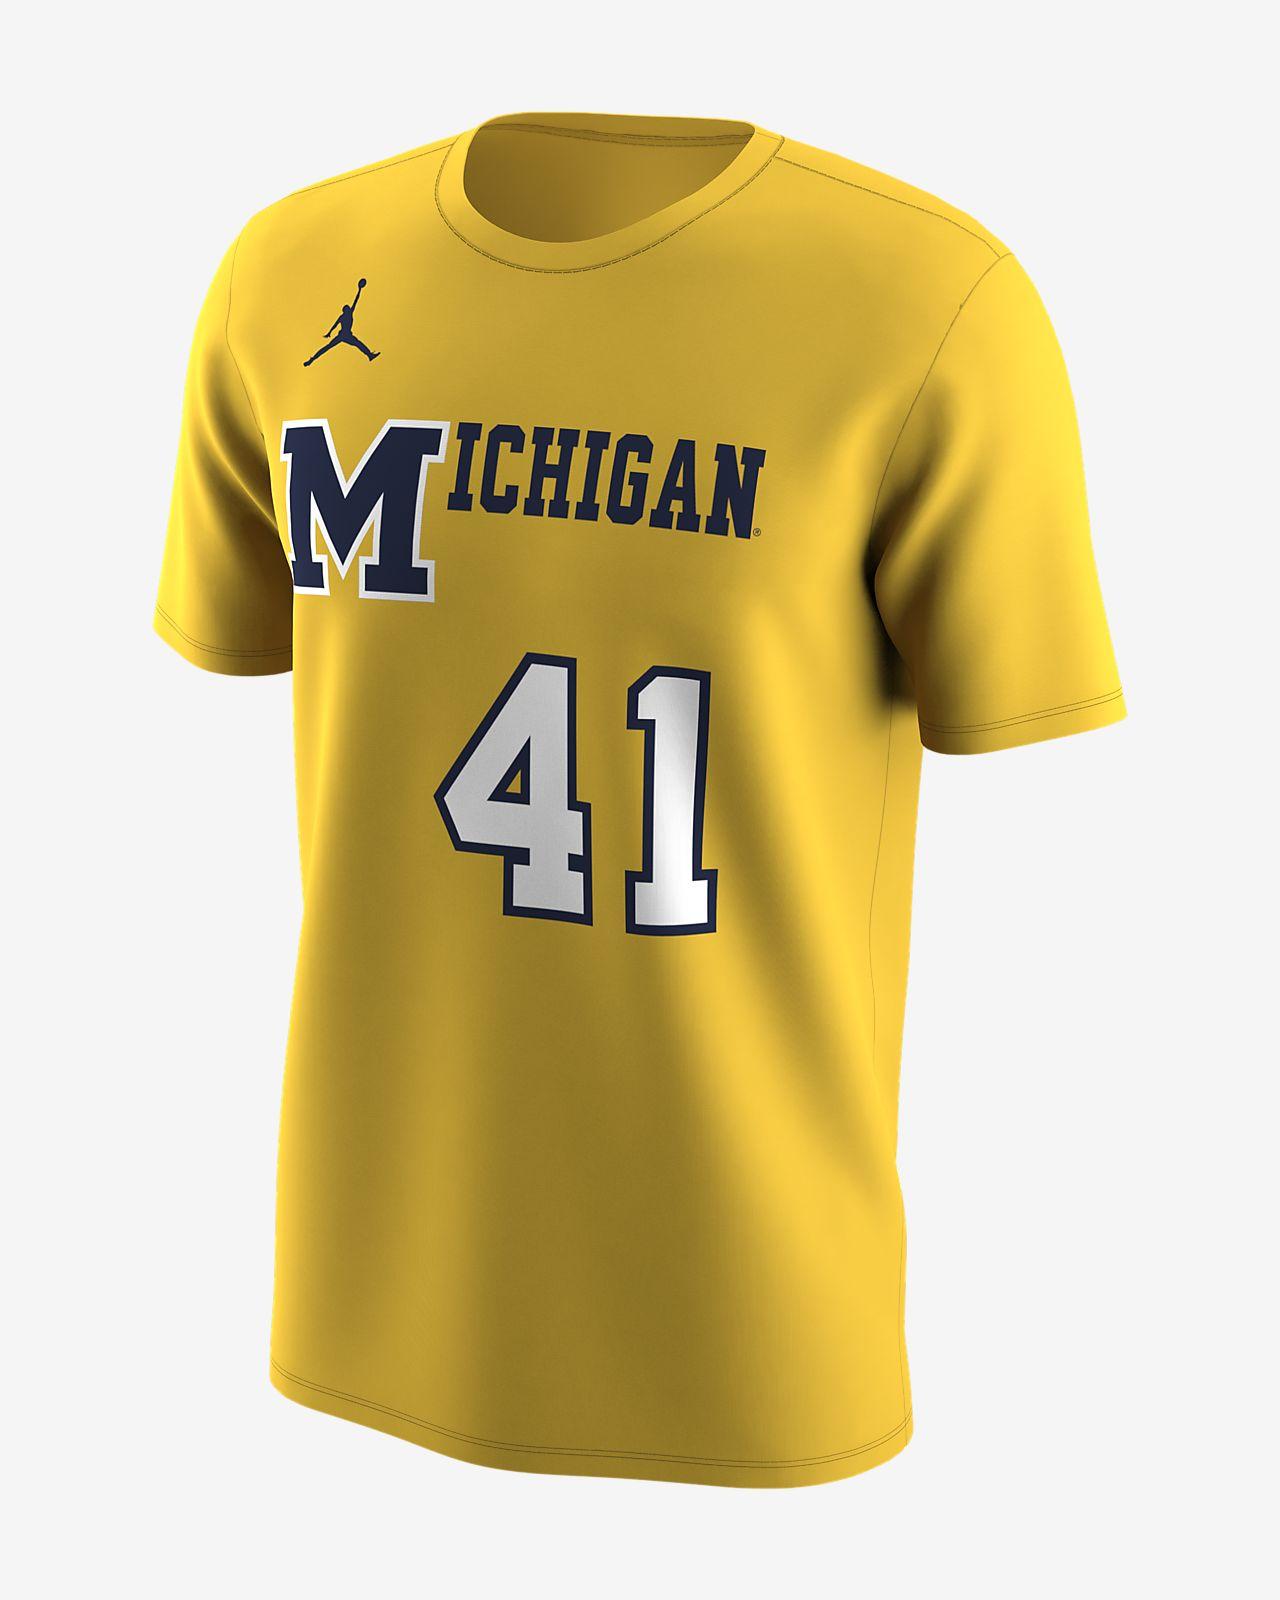 b2a309f6691ec2 Jordan College Retro (Michigan) Men s T-Shirt. Nike.com